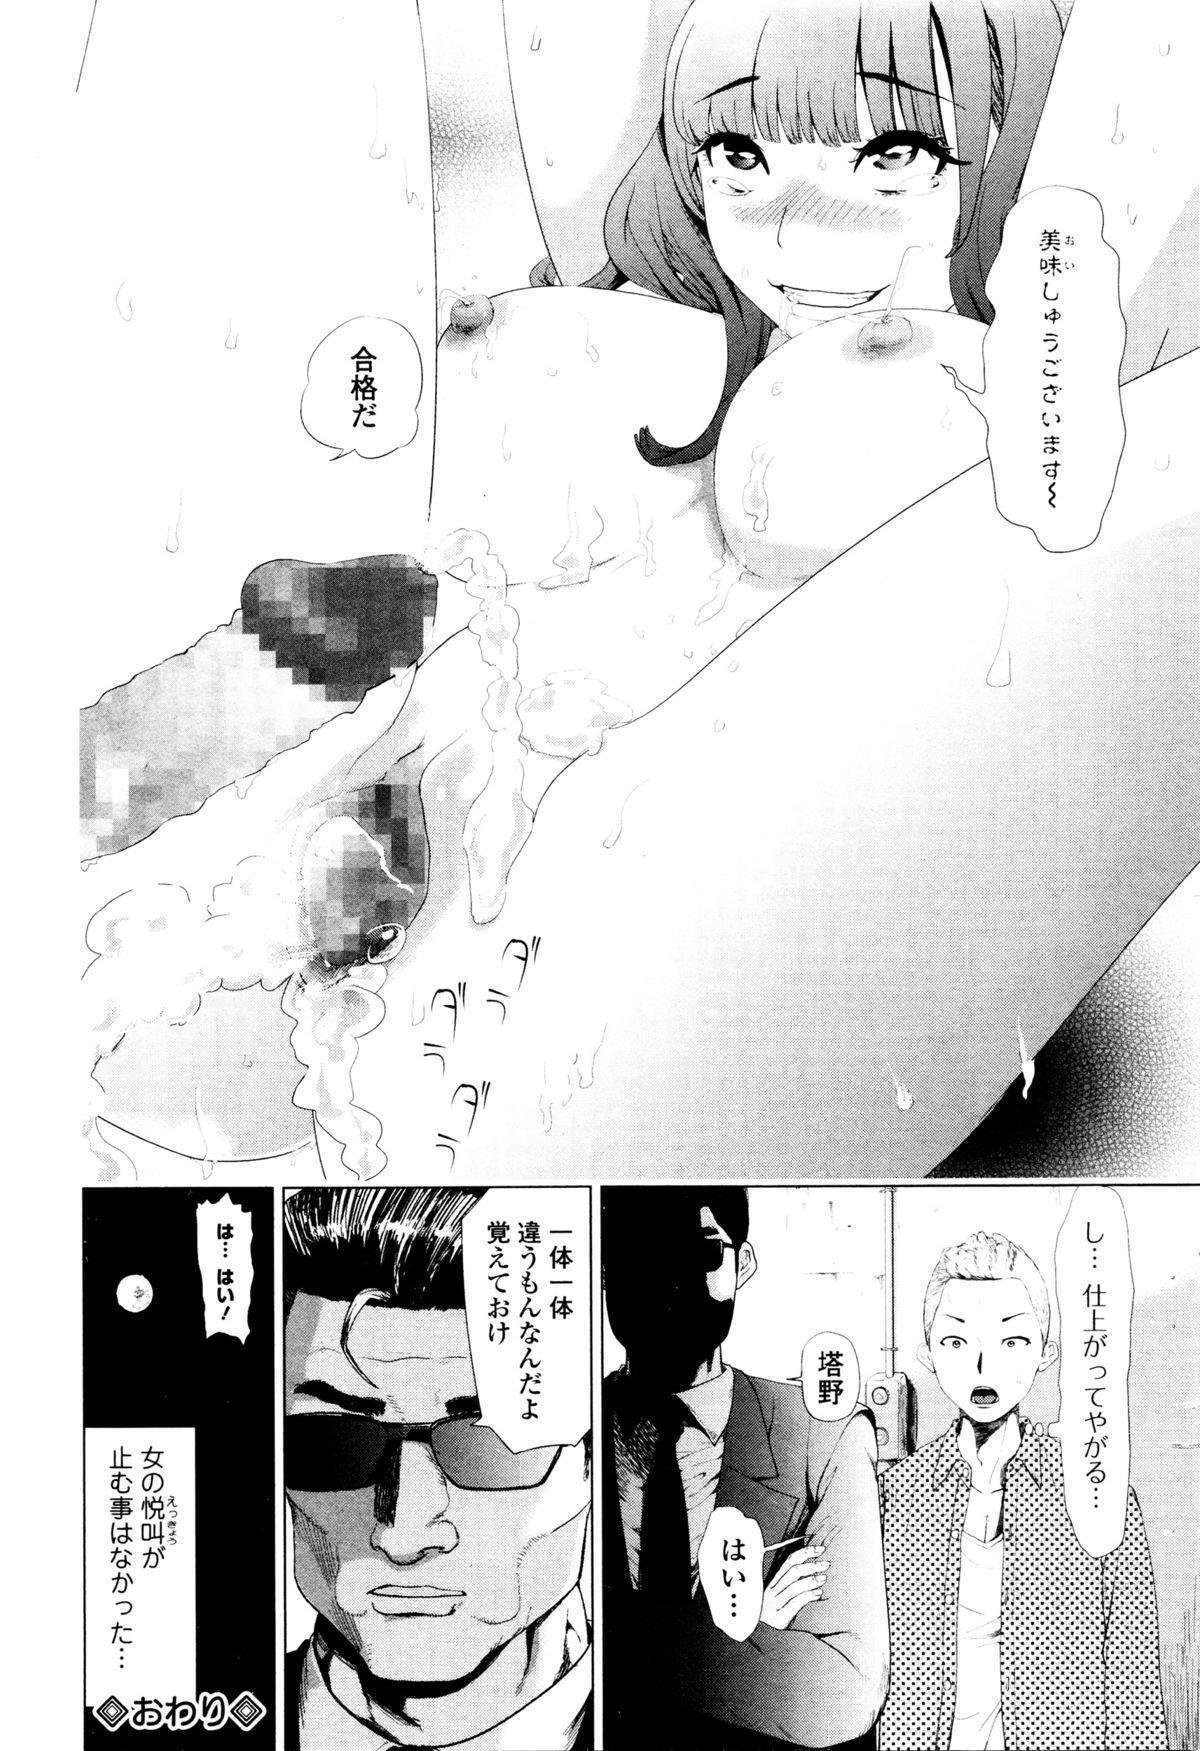 COMIC Mate Legend Vol. 7 2016-02 198